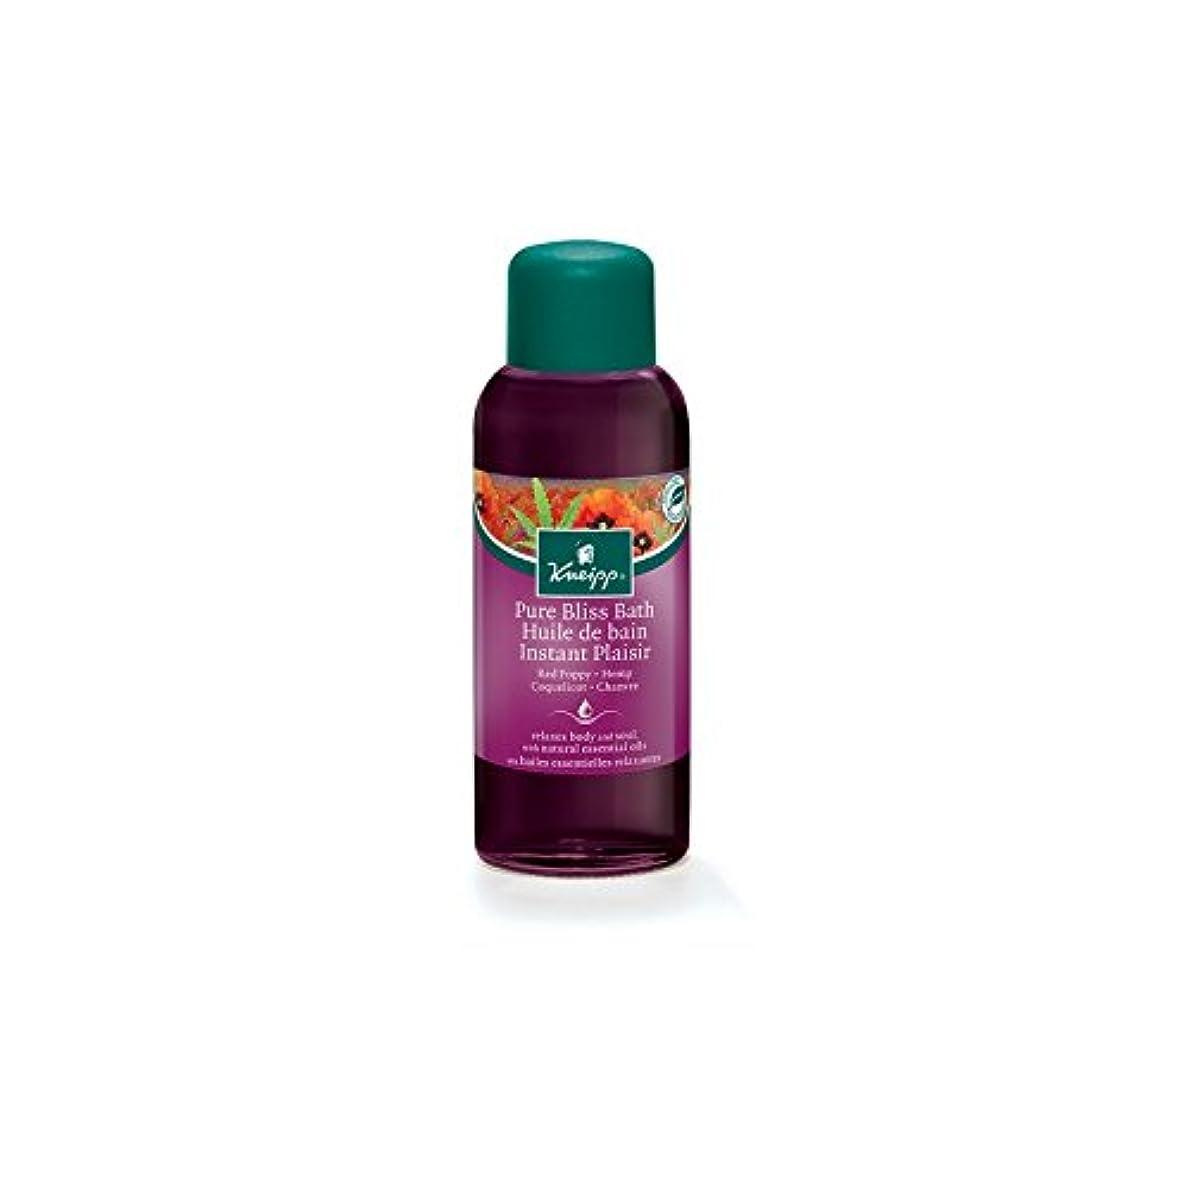 モデレータワイド者Kneipp Pure Bliss Herbal Red Poppy and Hemp Bath Oil (100ml) - クナイプ純粋な至福ハーブの赤いケシと麻バスオイル(100ミリリットル) [並行輸入品]